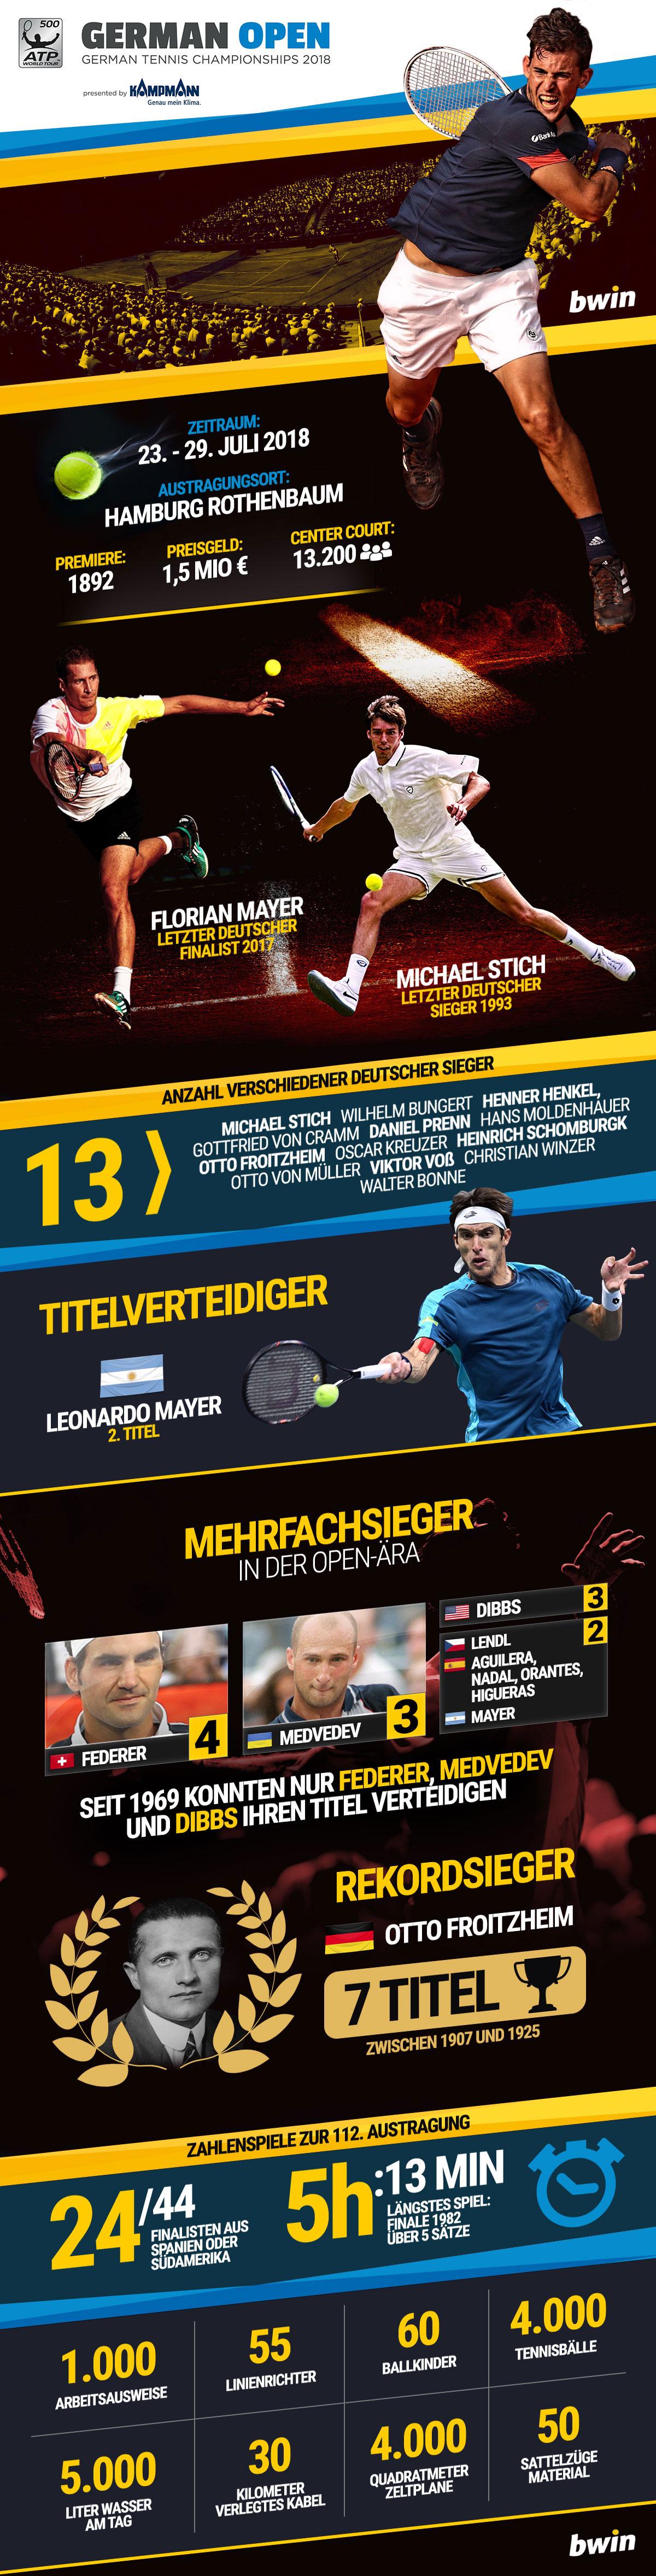 German Open, Hamburg Rothenbaum Infografik